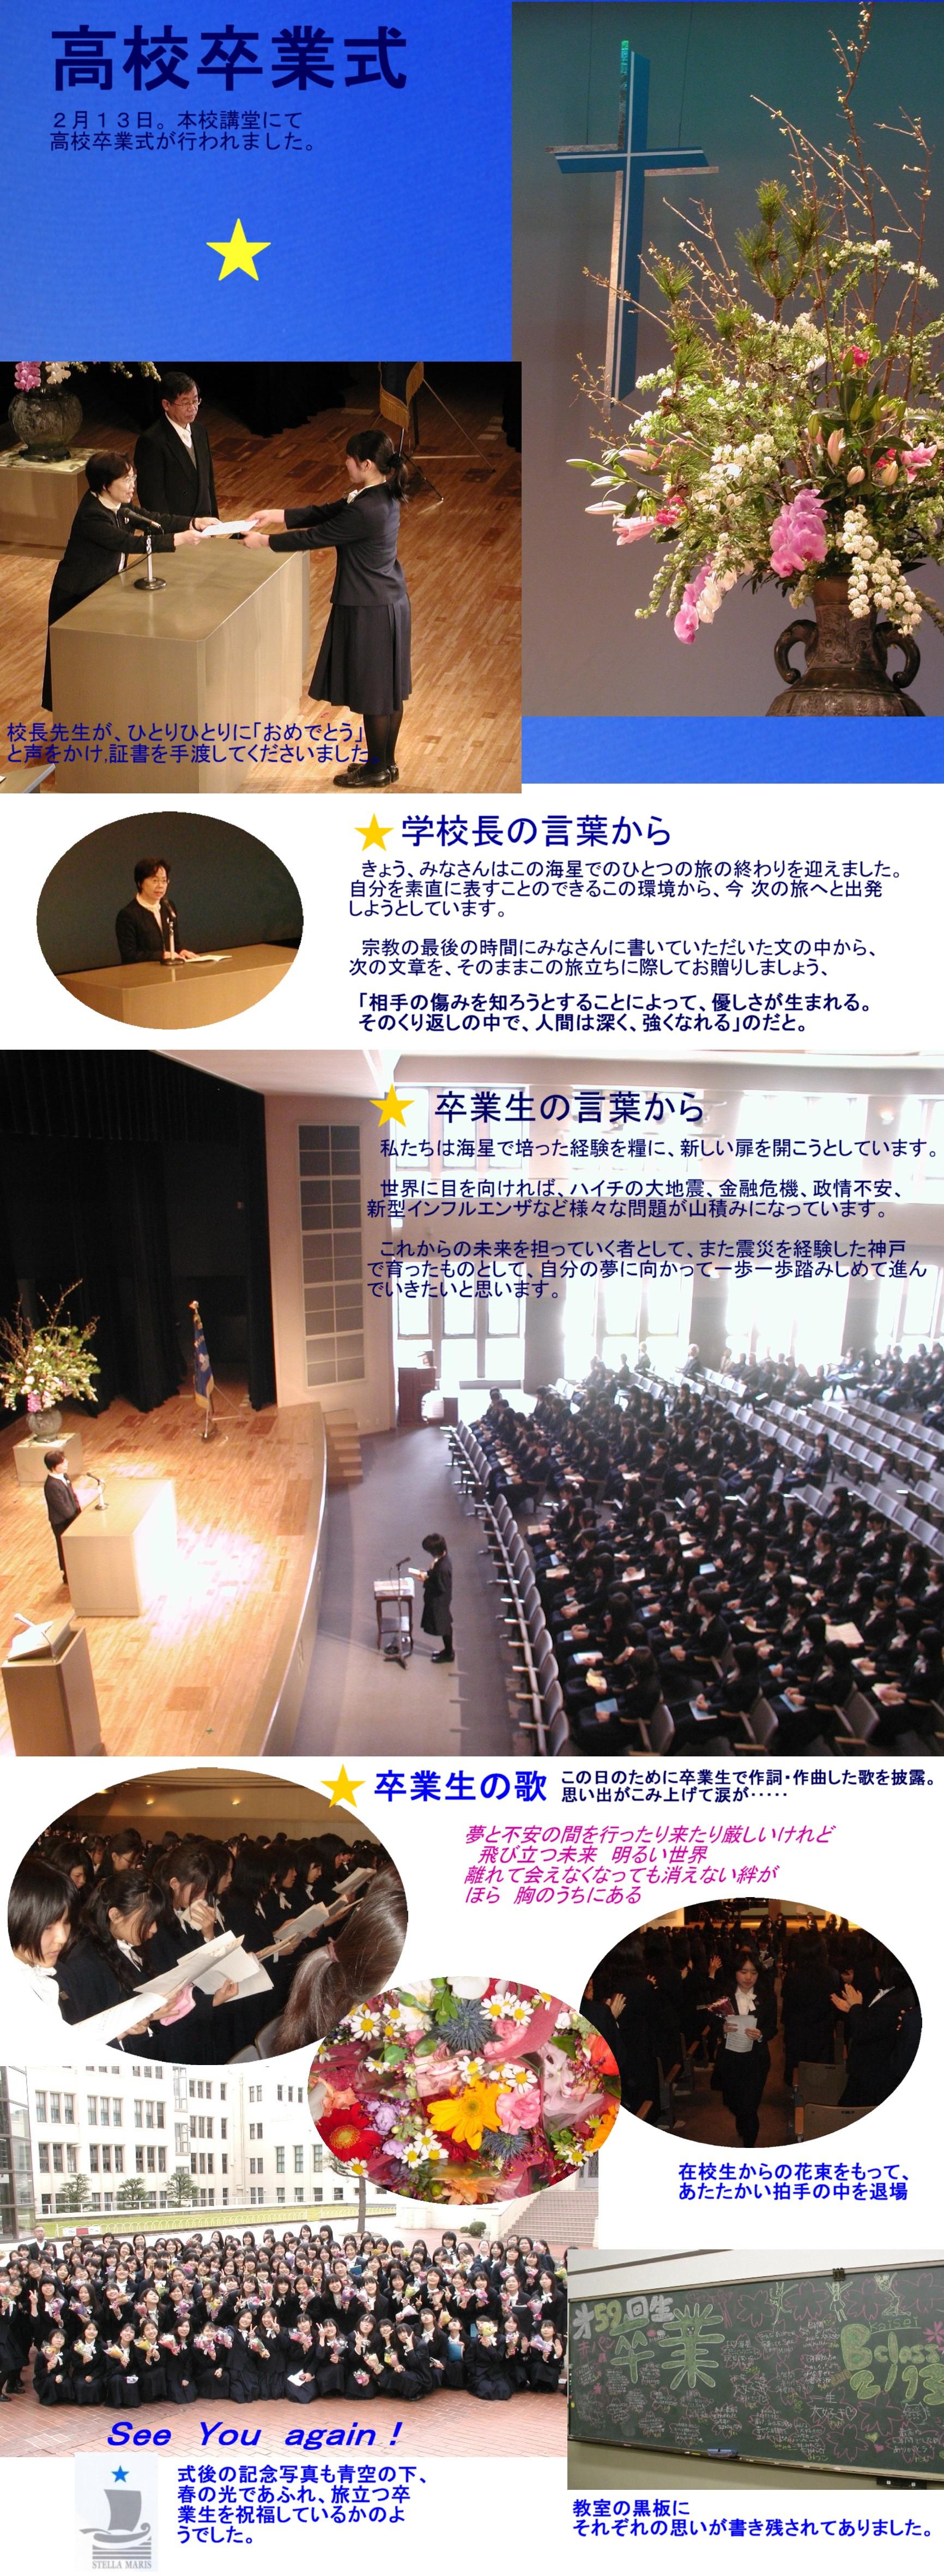 09卒業式最終稿.JPG